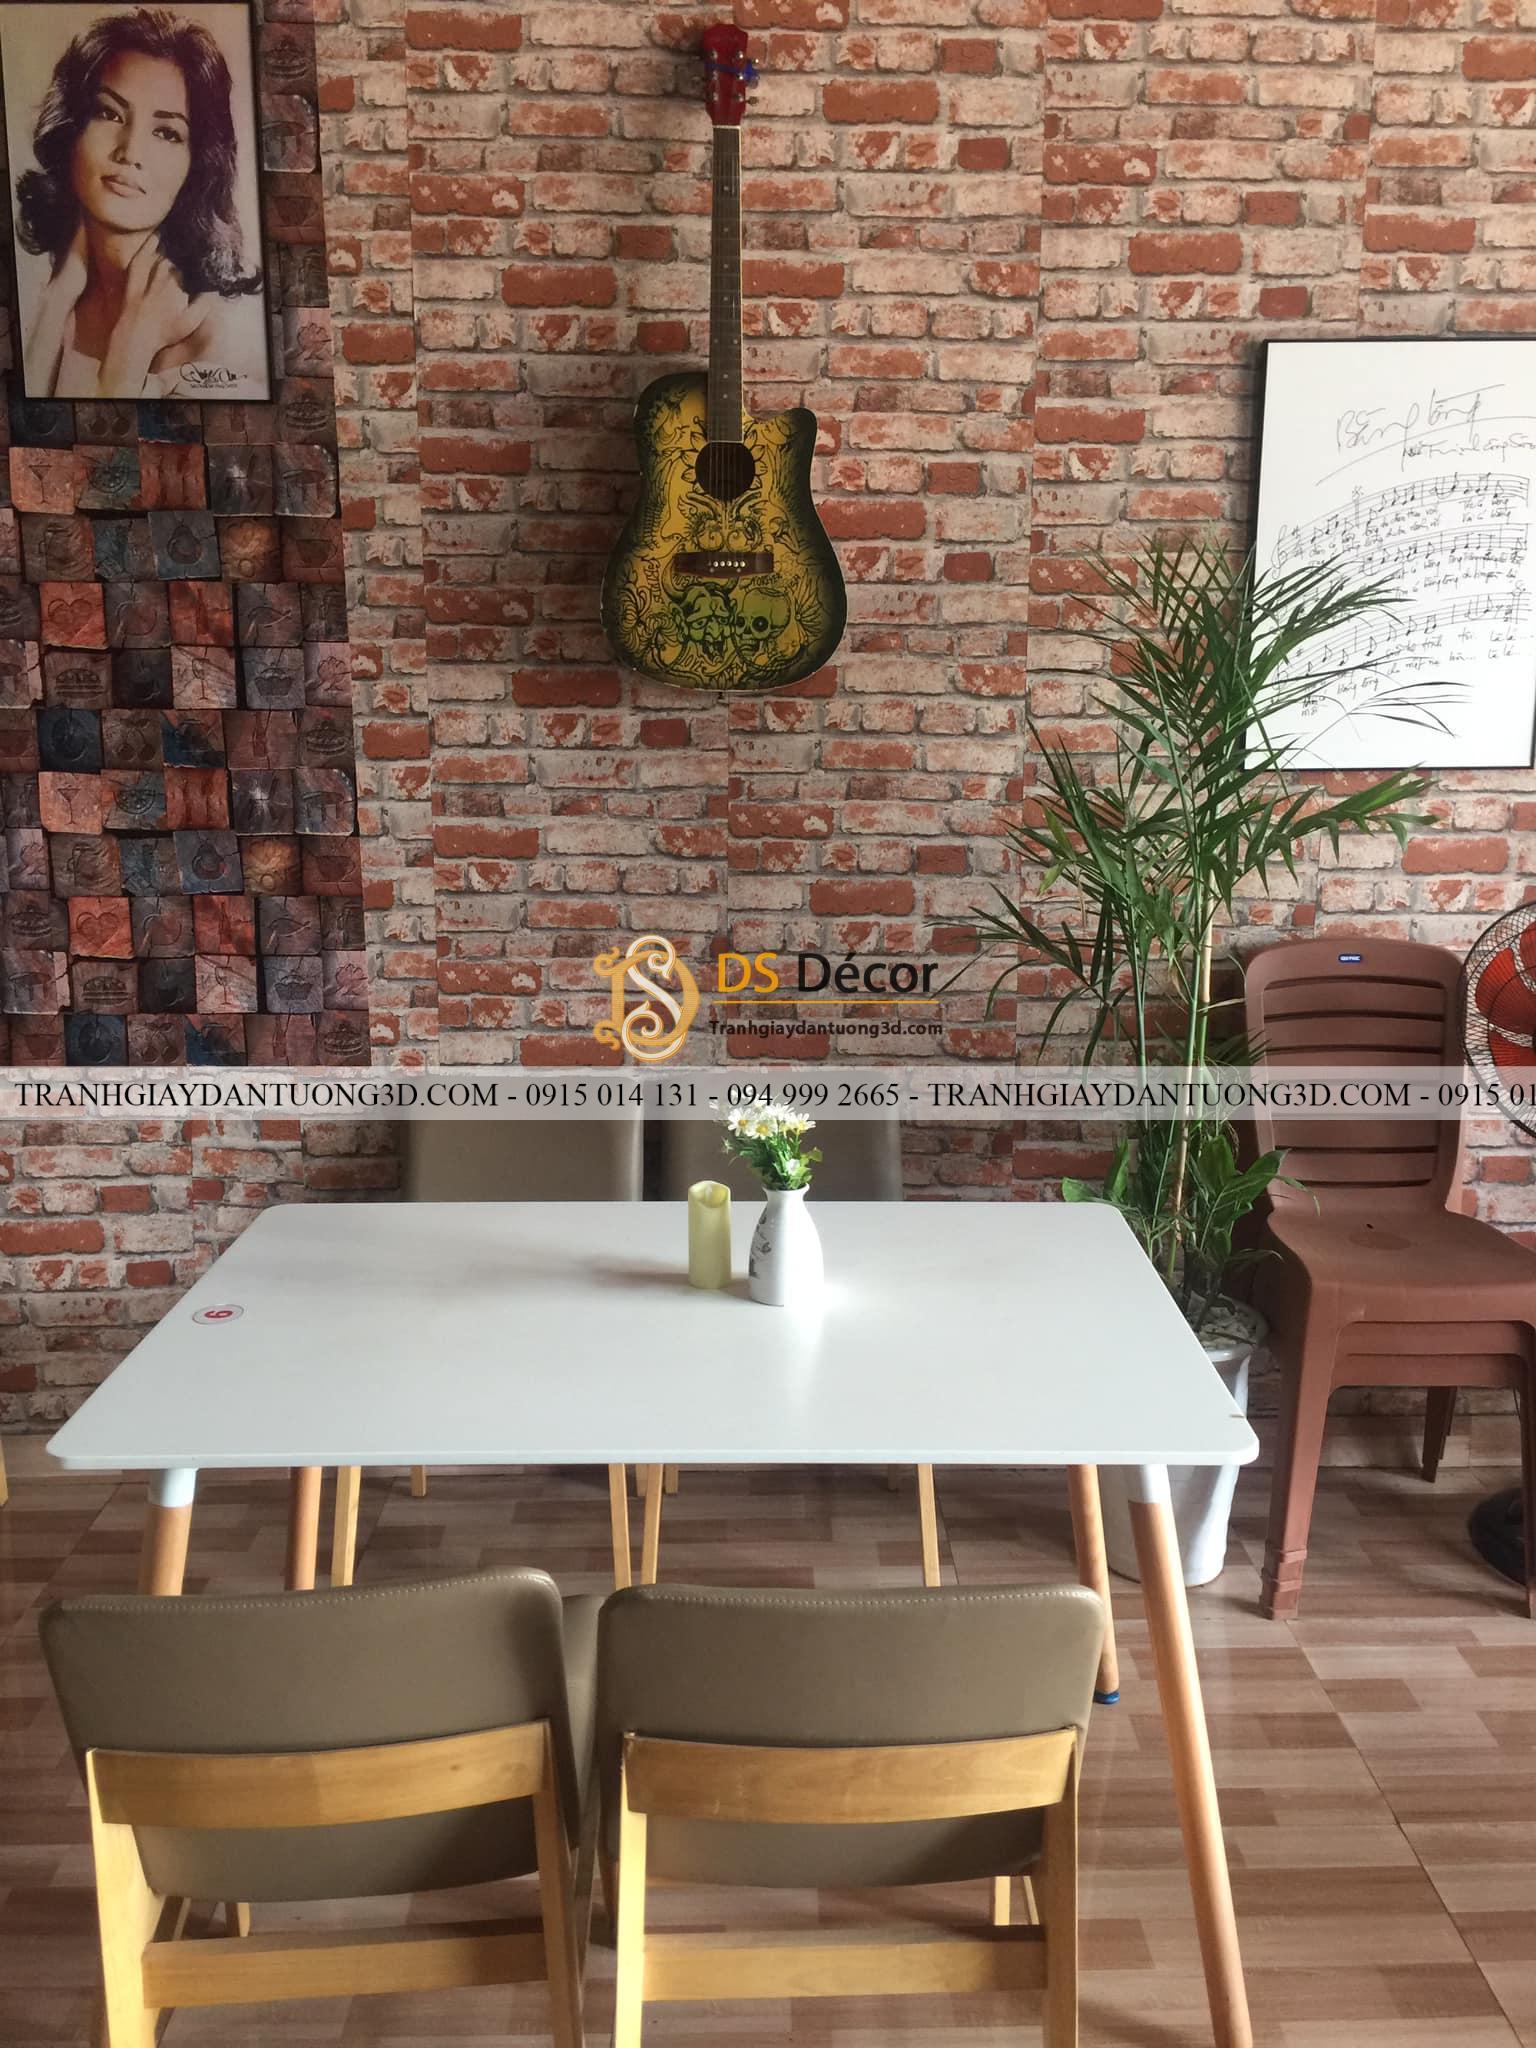 Giấy dán tường giả gạch 3D251 quán cafe nhạc Q classic